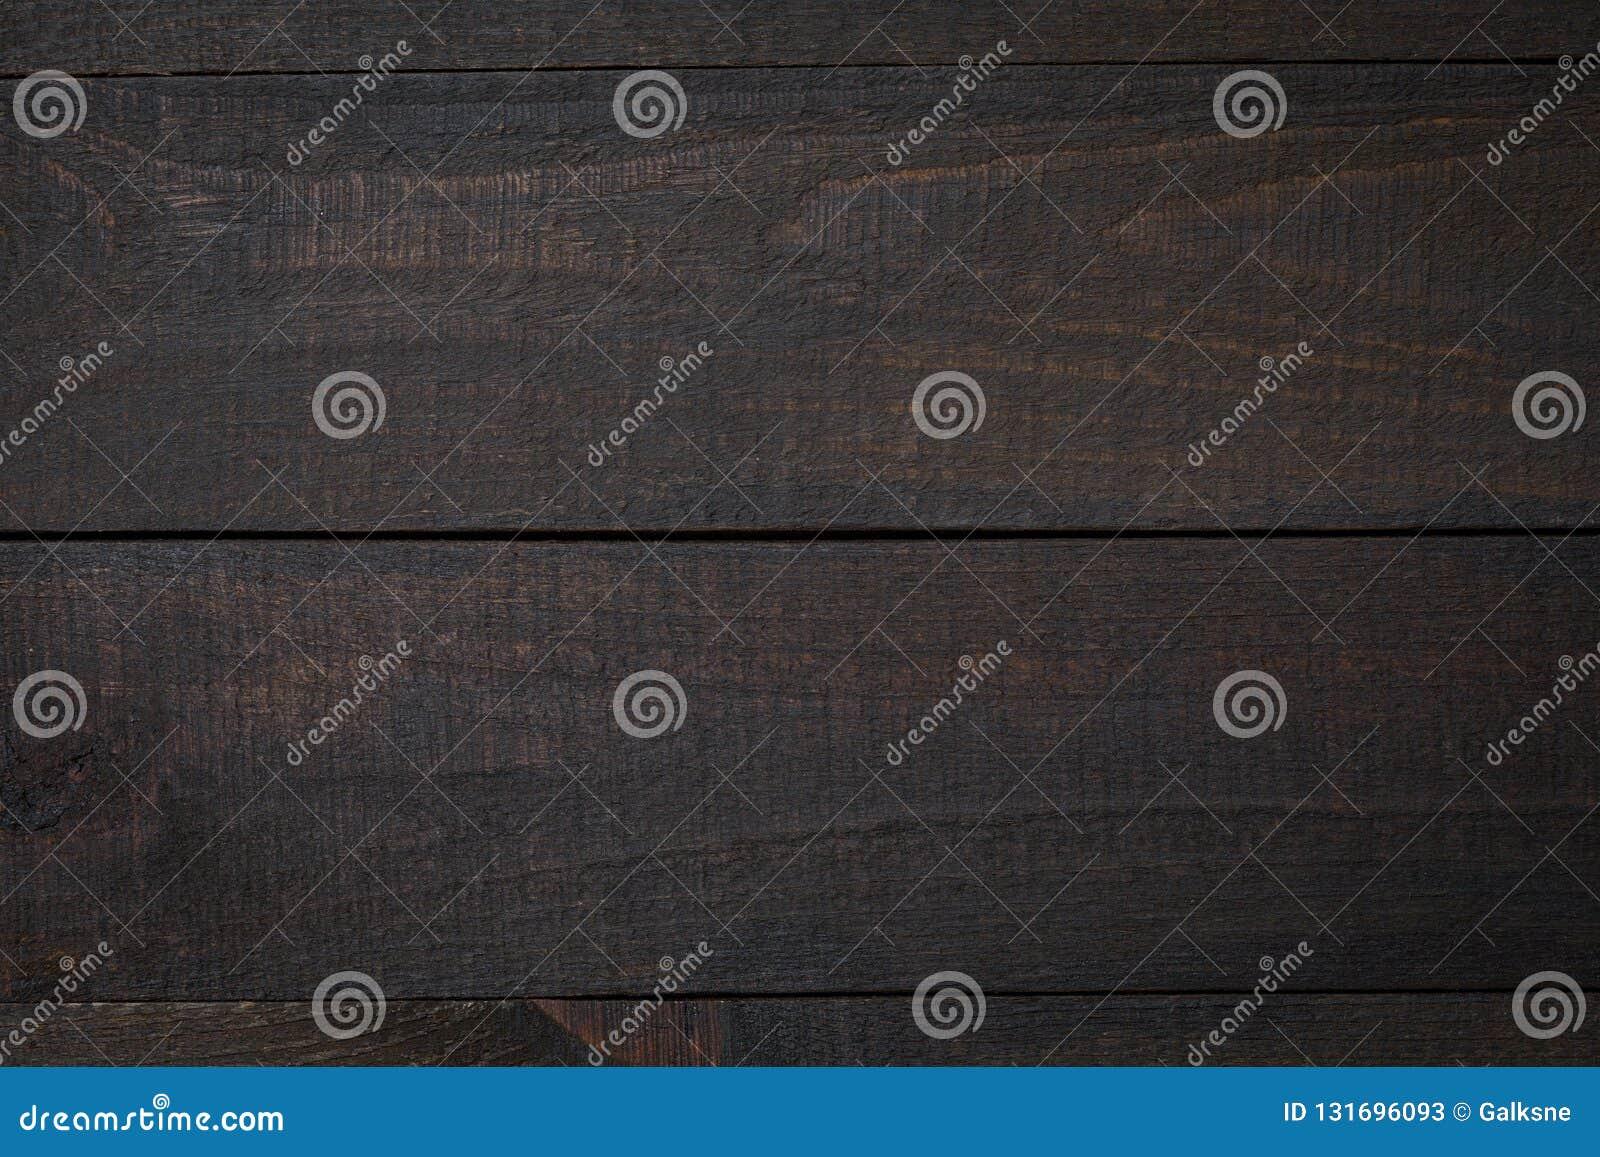 Αγροτικός ξύλινος πίνακας flatlay - κενή δρύινη επιφάνεια Τοπ άποψη με ελεύθερου χώρου για το κείμενο αντιγράφων